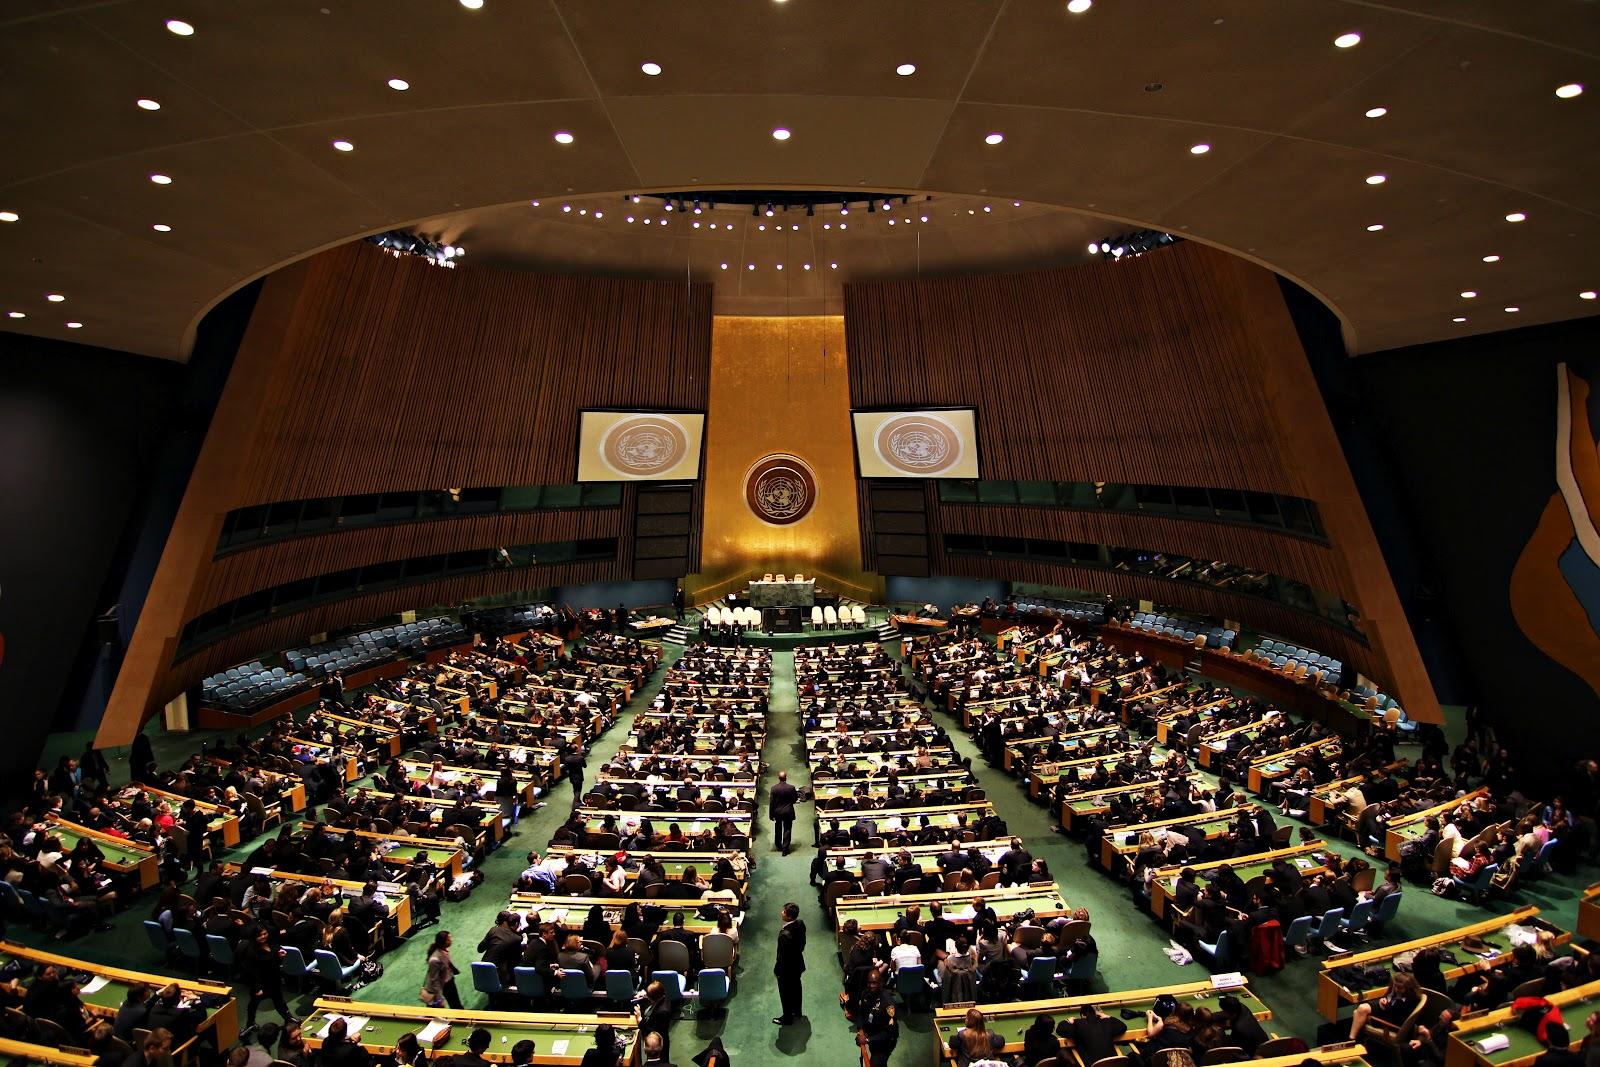 США: ООН должен надавить на Россию, чтобы она все-таки выполнила Минские соглашения